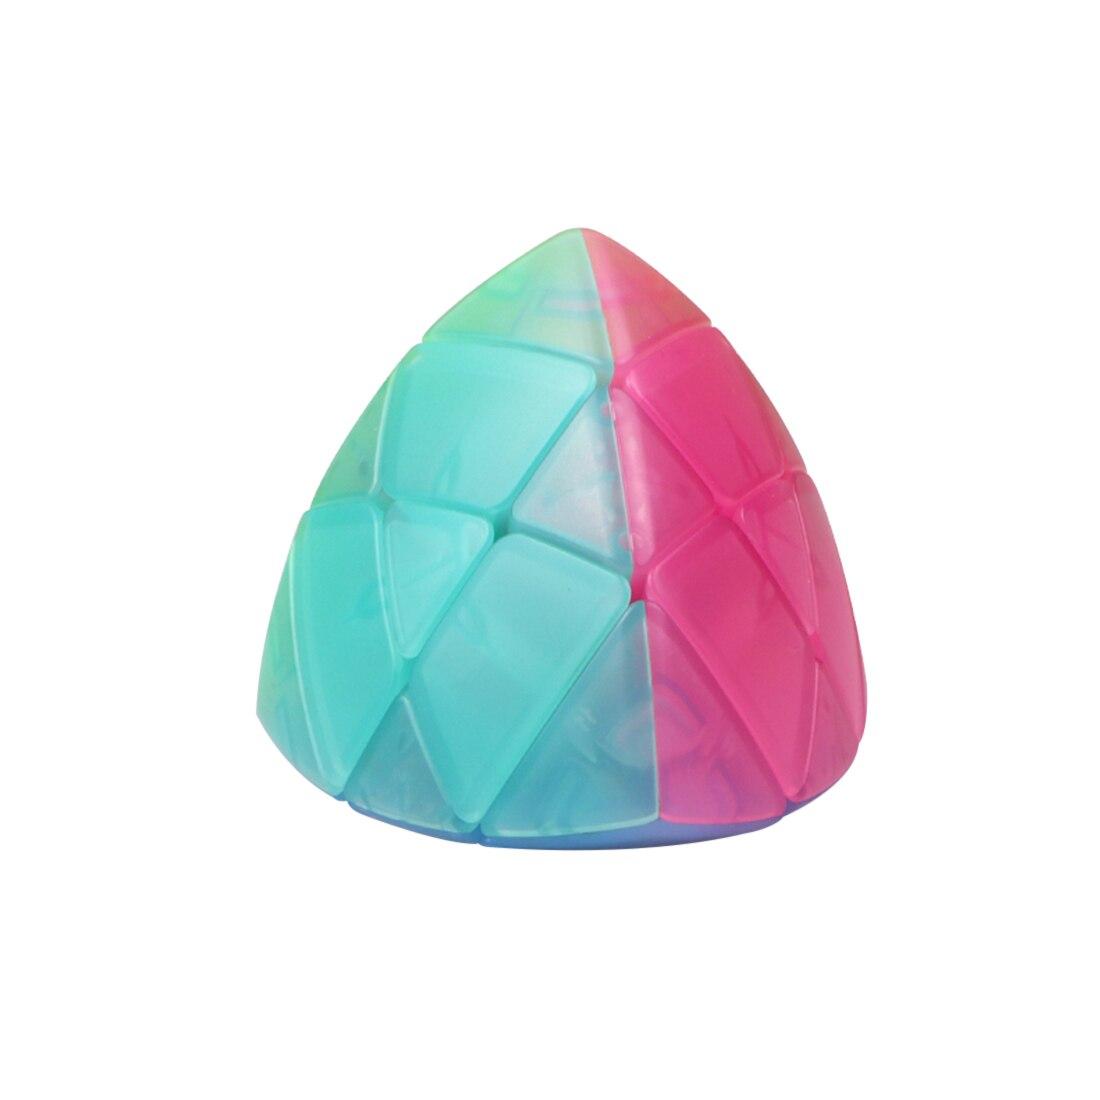 Ensemble de Cube de gelée QiYi comprenant pyramide SQ-1 Mastermorphix 2x2 3x3 4x4 5x5 Kits de Cube magique - 4